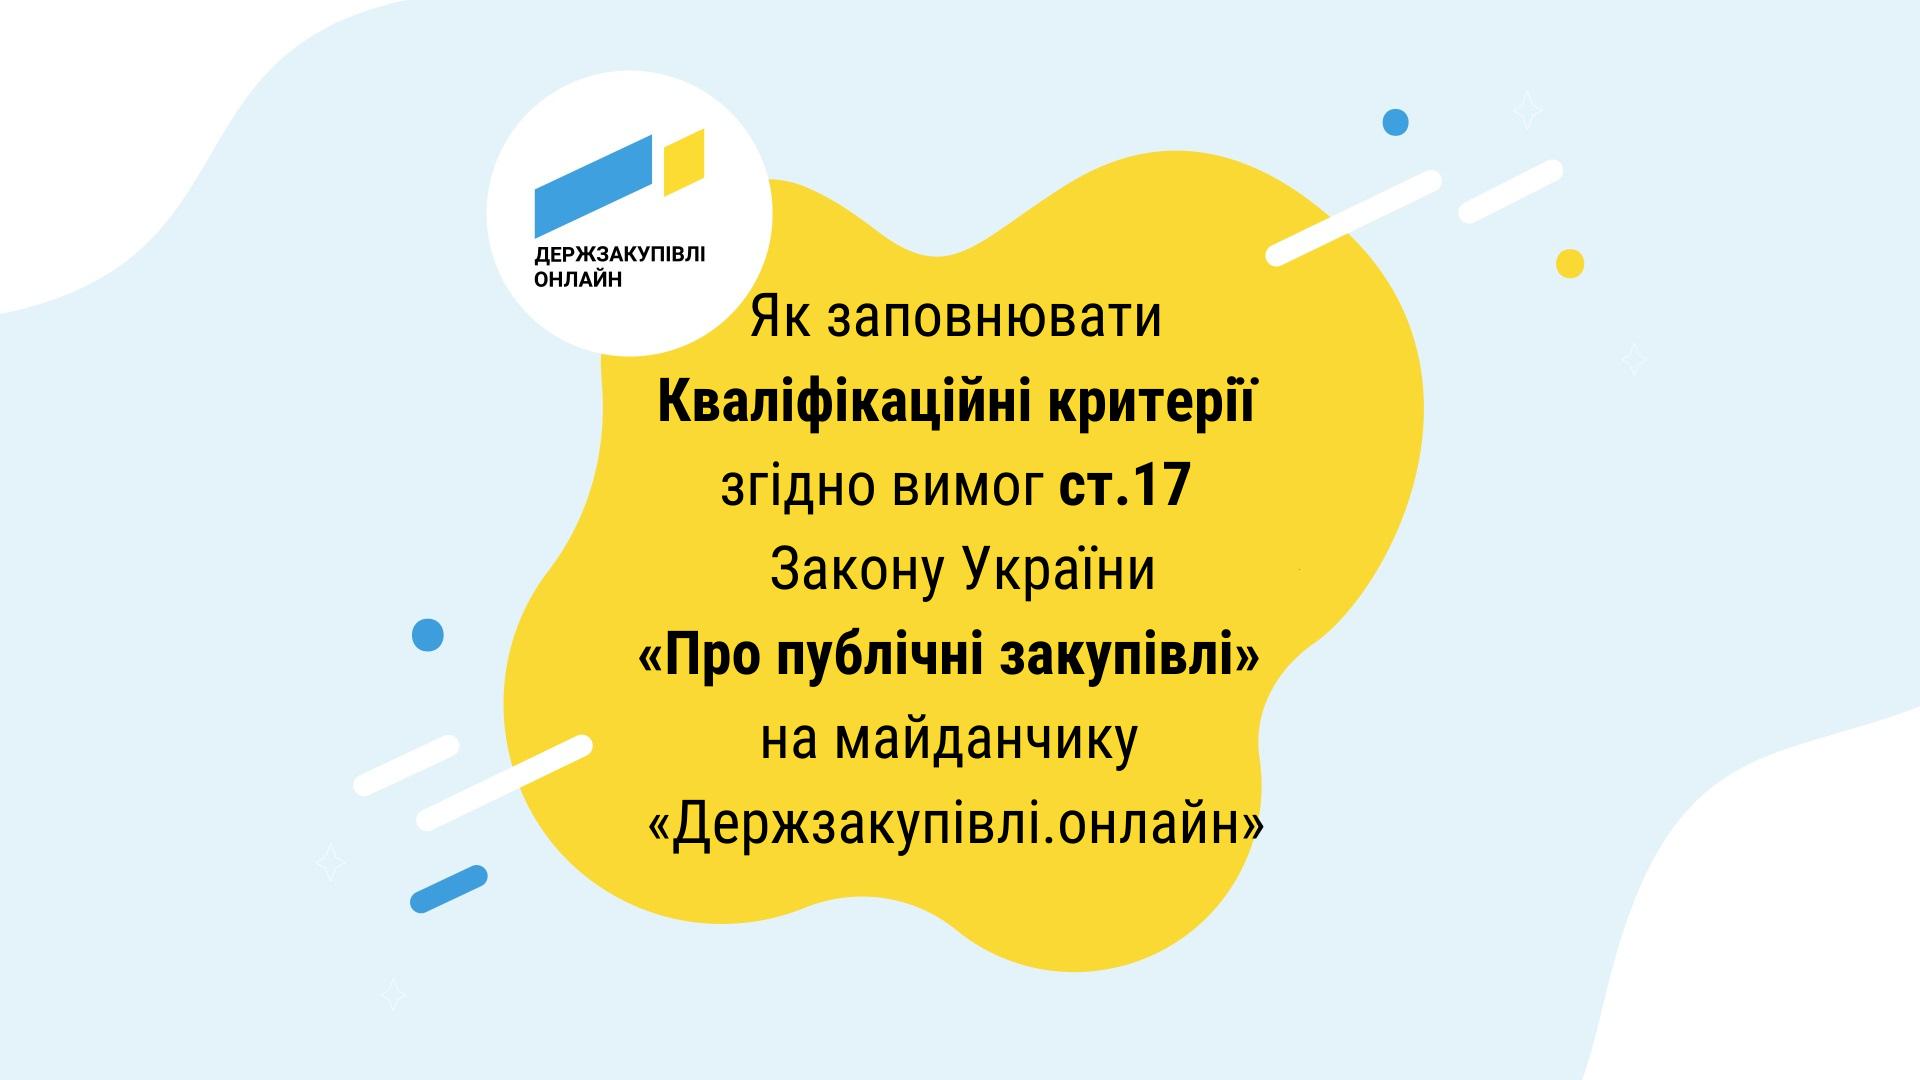 Як заповнювати Кваліфікаційні критерії згідно вимог ст.17 Закону України «Про публічні закупівлі» на майданчику «Держзакупівлі.онлайн»